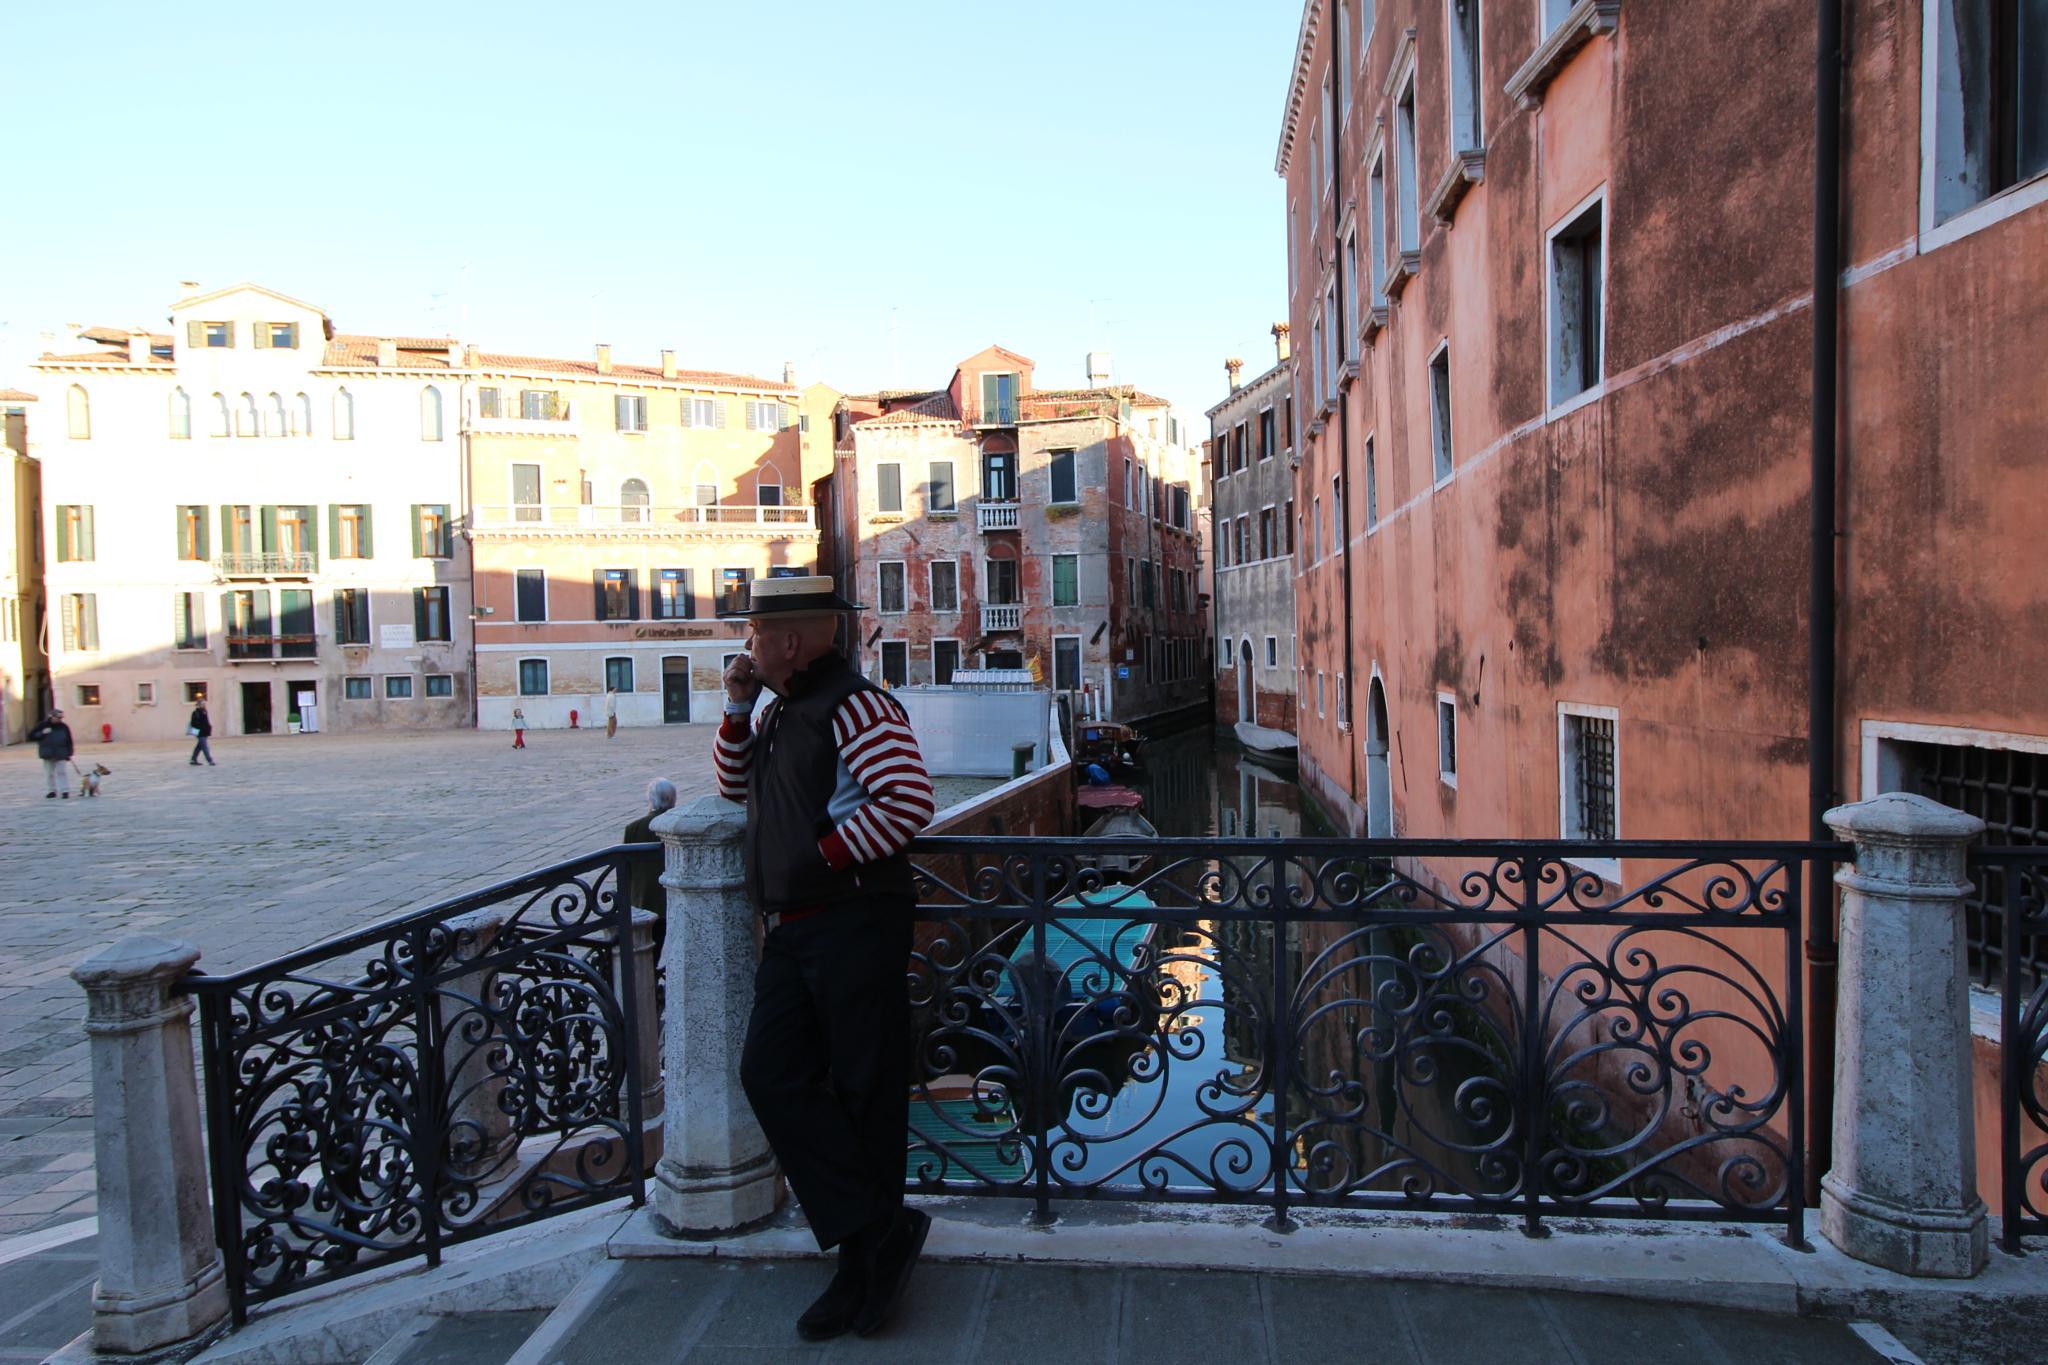 Gondoliere, Venice by mpincoli